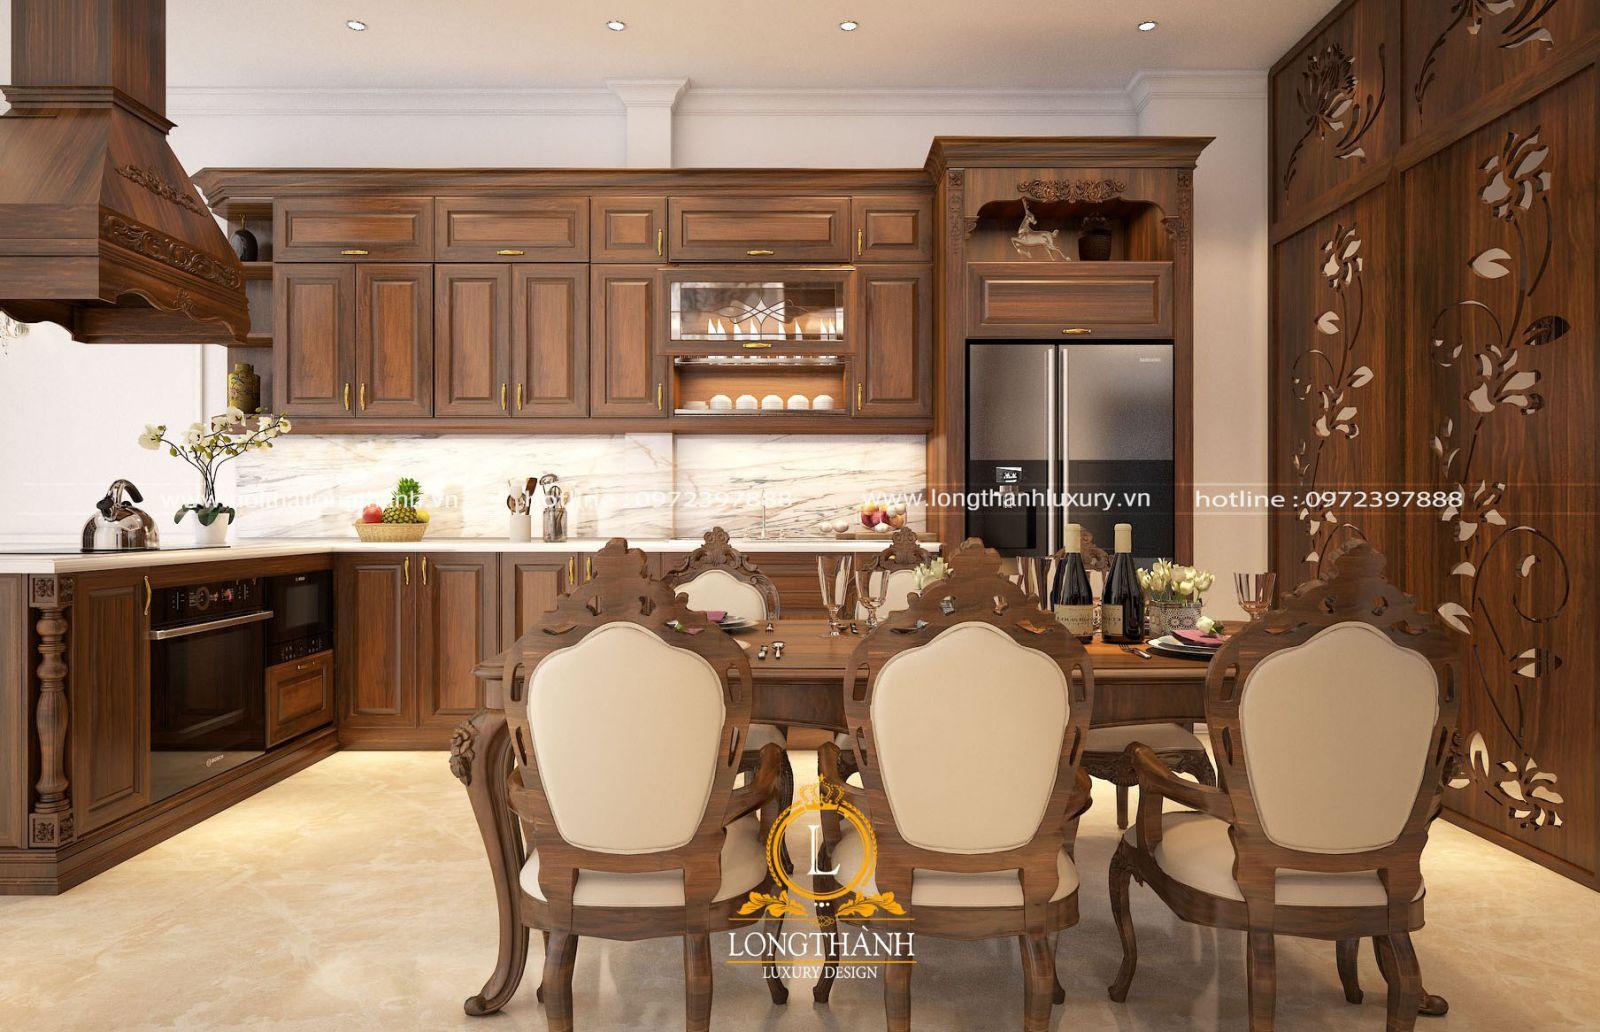 Thiết kế tủ bếp gỗ Óc chó đồng bộ với bộ bàn ghế ăn sang trọng đẳng cấp